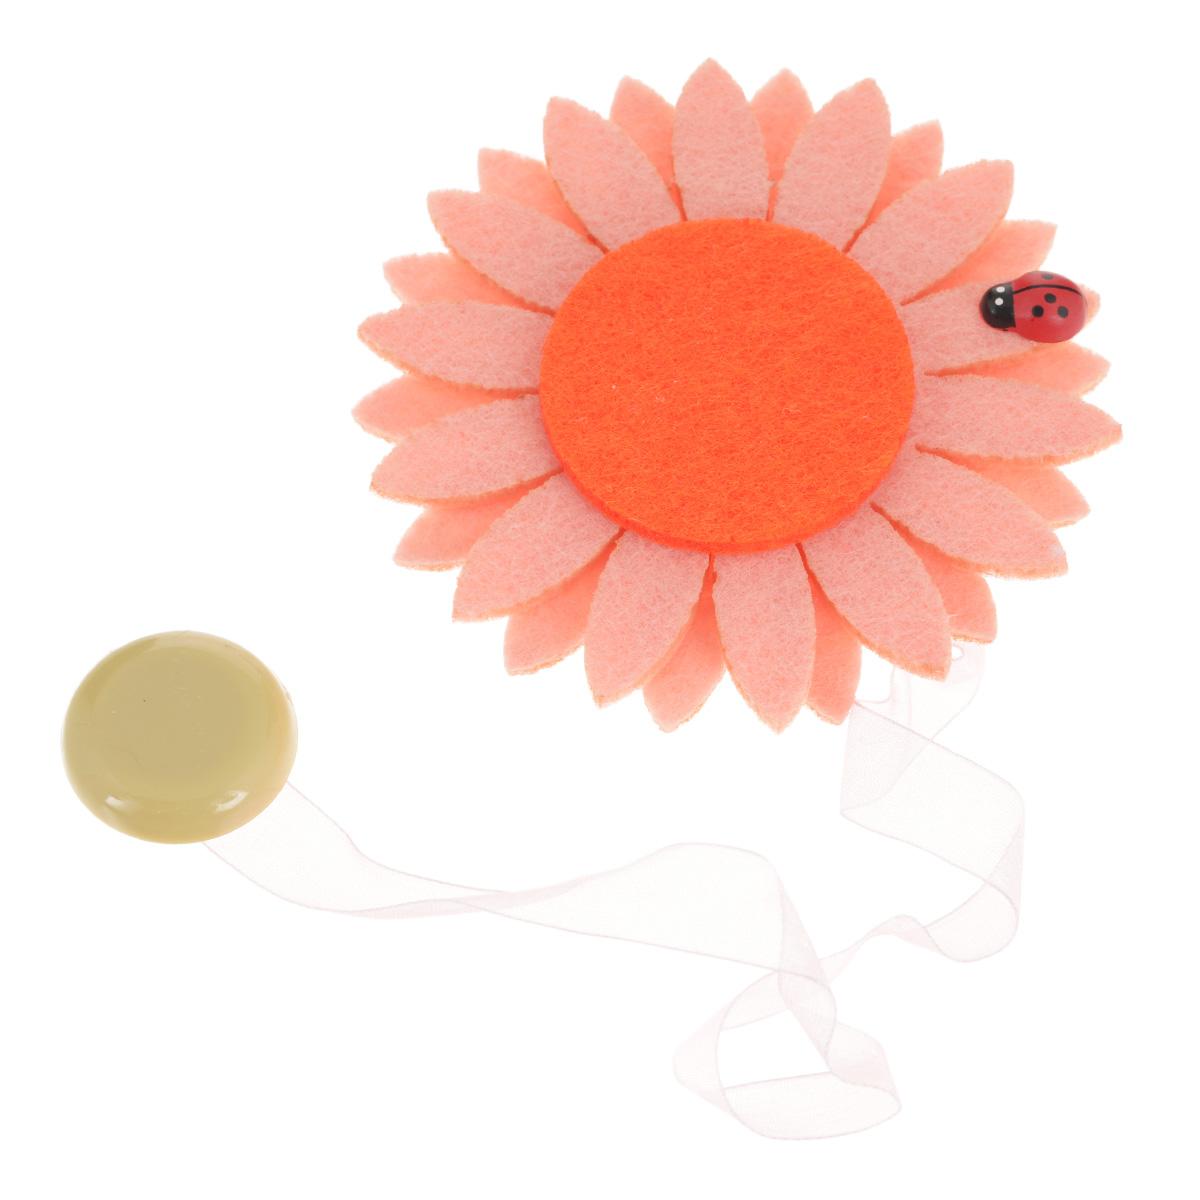 Клипса-магнит для штор Calamita Fiore, цвет: бледно-розовый, рыжий. 7704012_5517704012_551Клипса-магнит Calamita Fiore, изготовленная из пластика и текстиля, предназначена для придания формы шторам. Изделие представляет собой два магнита, расположенные на разных концах текстильной ленты. Один из магнитов оформлен декоративным цветком. С помощью такой магнитной клипсы можно зафиксировать портьеры, придать им требуемое положение, сделать складки симметричными или приблизить портьеры, скрепить их. Клипсы для штор являются универсальным изделием, которое превосходно подойдет как для штор в детской комнате, так и для штор в гостиной. Следует отметить, что клипсы для штор выполняют не только практическую функцию, но также являются одной из основных деталей декора этого изделия, которая придает шторам восхитительный, стильный внешний вид. Материал: пластик, полиэстер, магнит.Диаметр декоративного цветка: 9 см.Диаметр магнита: 2,5 см.Длина ленты: 28 см.